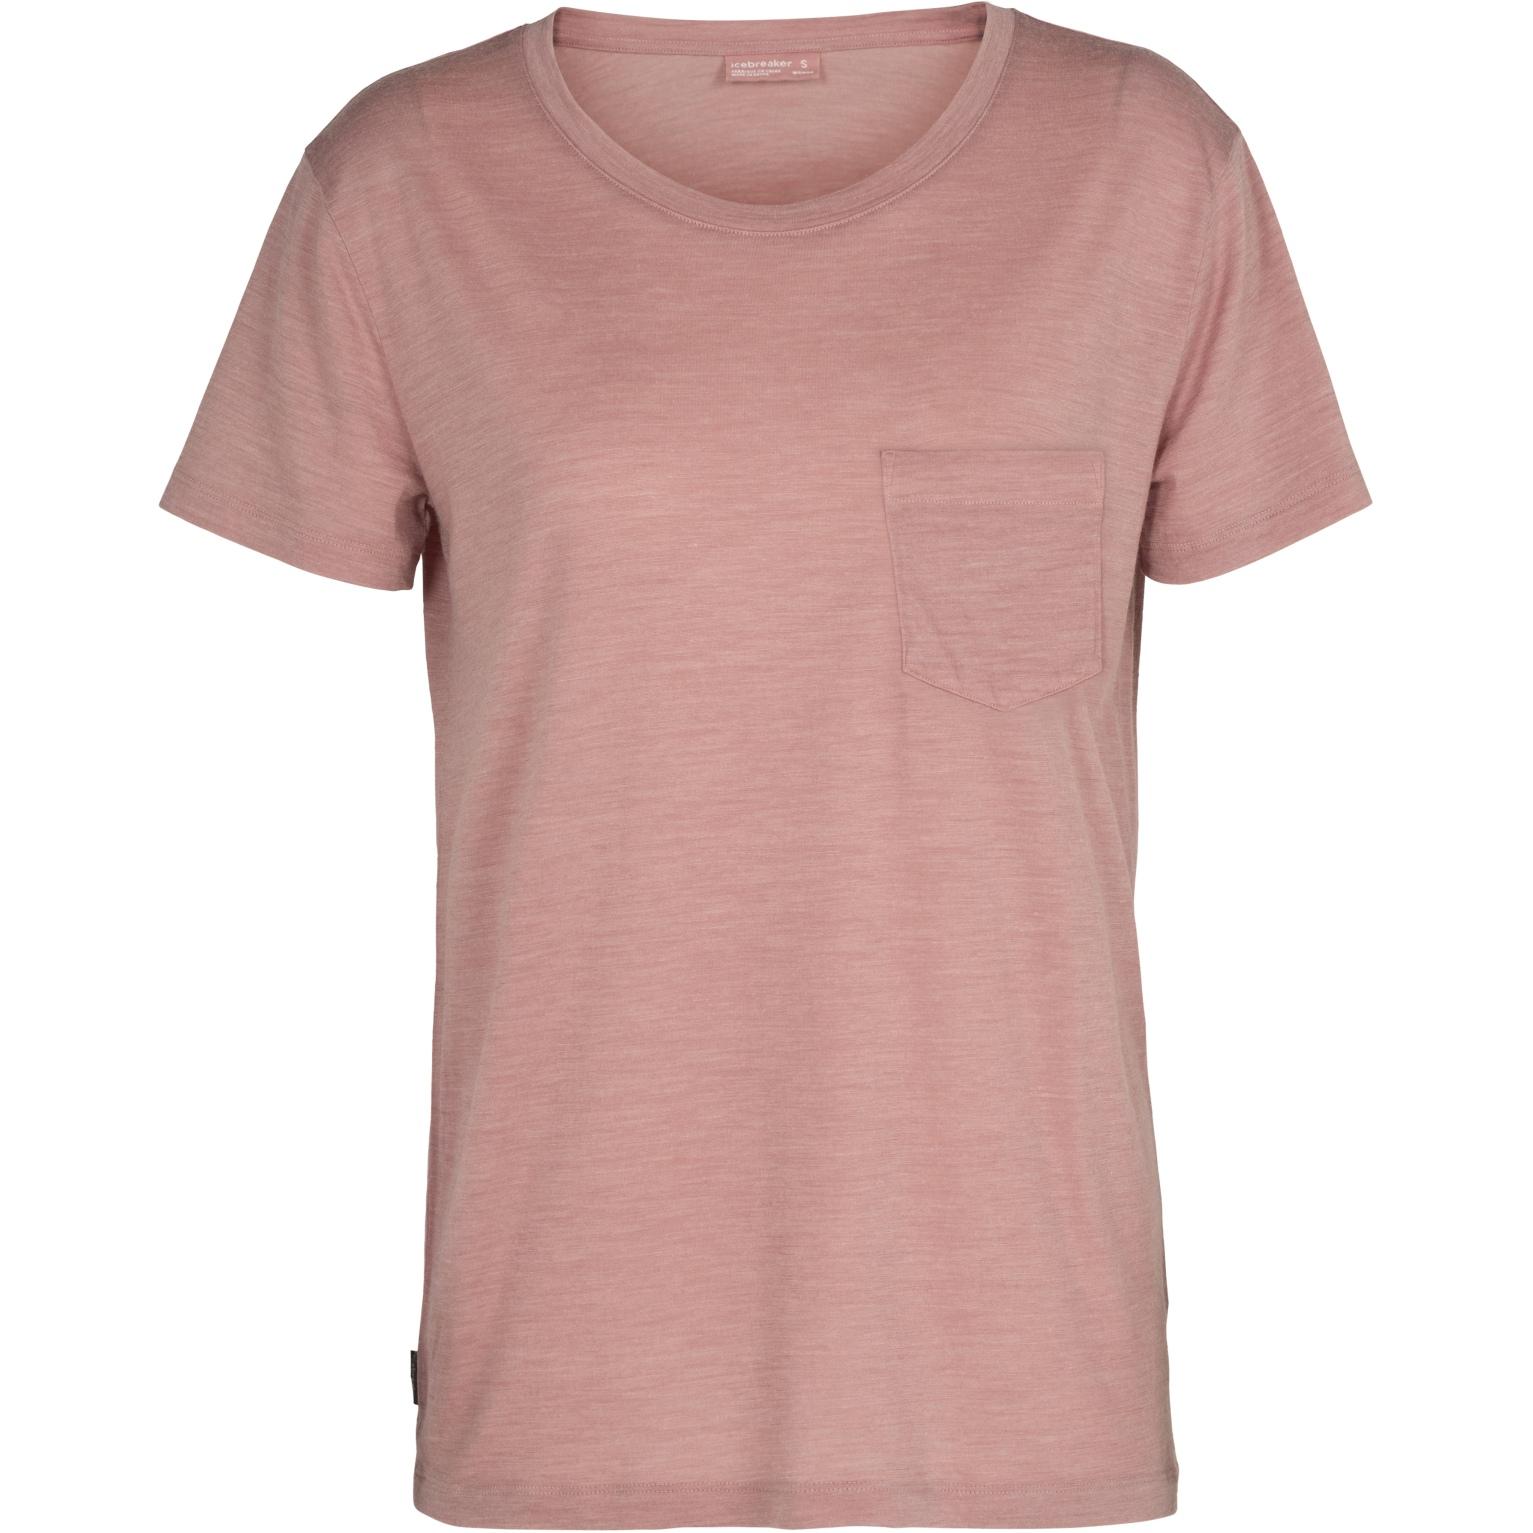 Bild von Icebreaker Nature Drayden Dye Pocket Crewe Damen T-Shirt - Heart